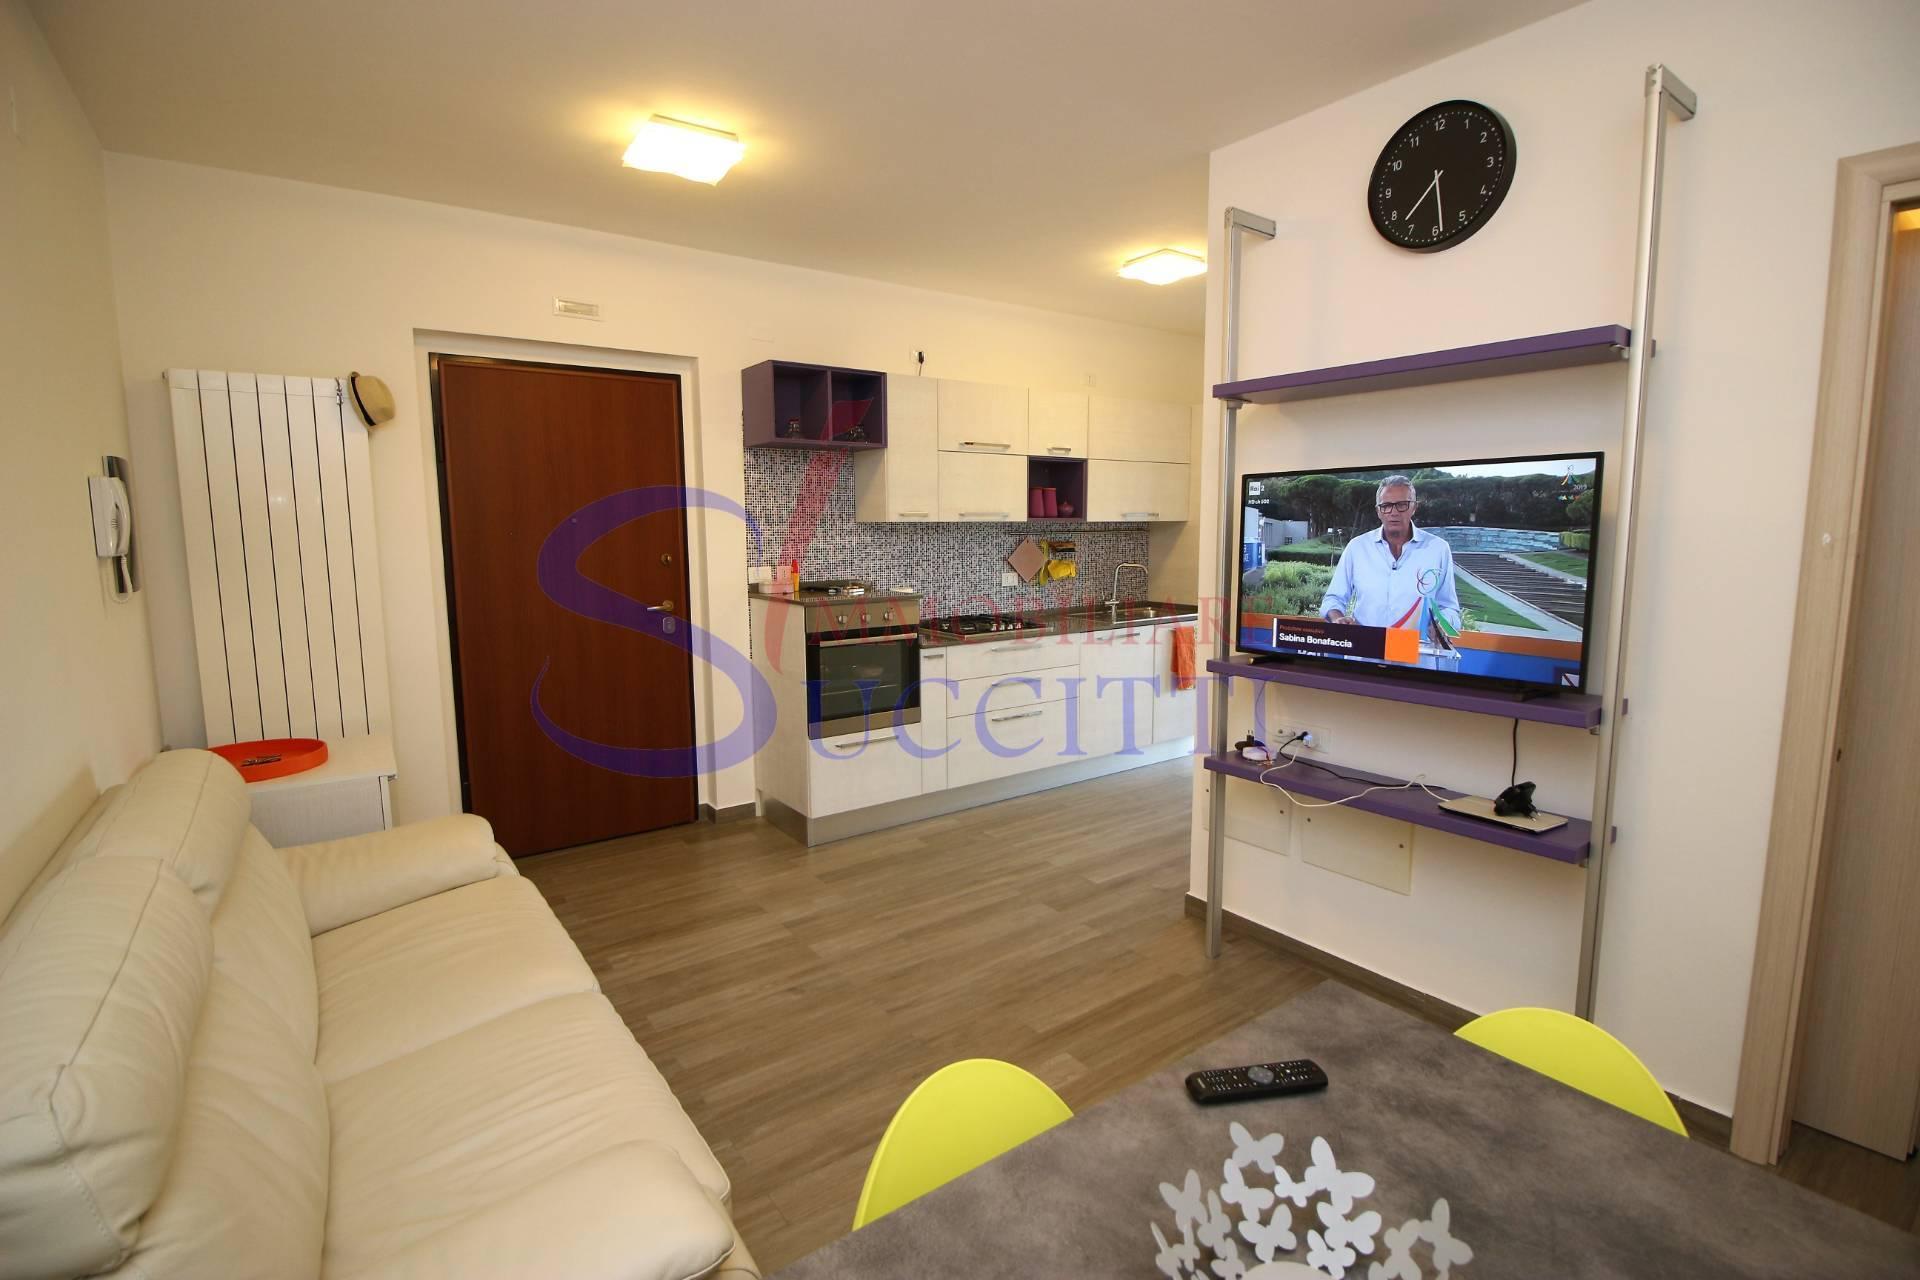 Appartamento in vendita a Tortoreto, 3 locali, zona Località: TortoretoLido, prezzo € 120.000   PortaleAgenzieImmobiliari.it